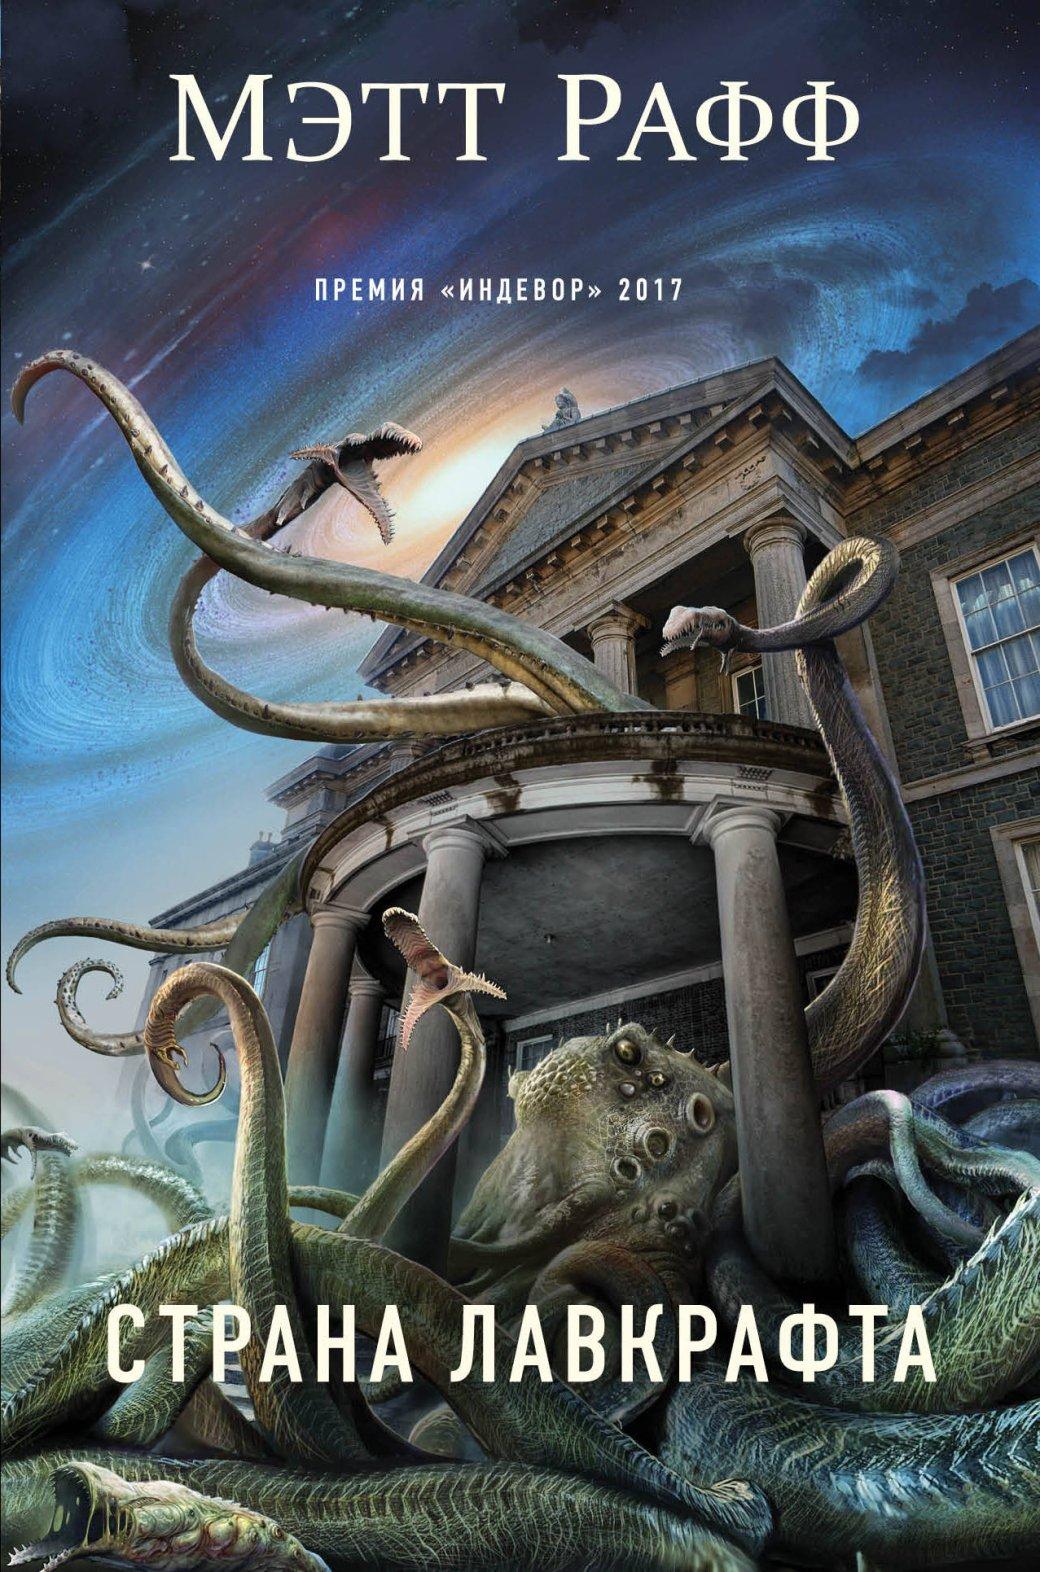 Приквел «Игры престолов» и классика посткиберпанка. Книги, которые собирается экранизировать HBO | Канобу - Изображение 437